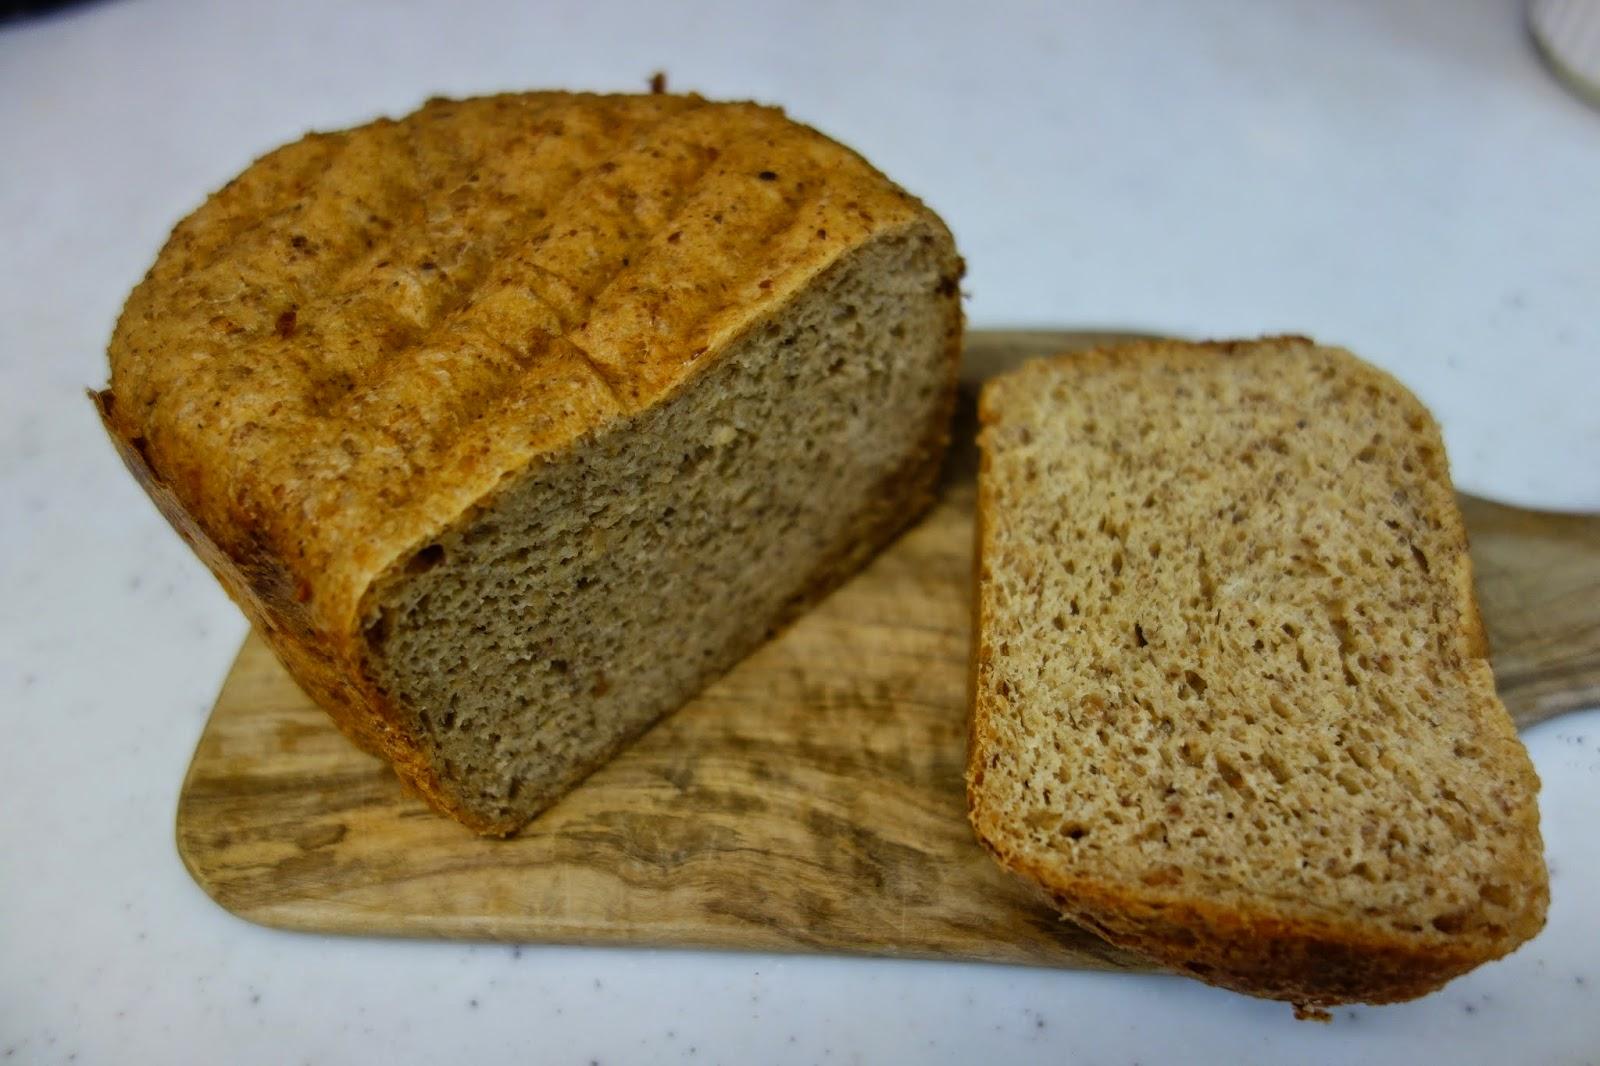 低糖質 糖質制限 パン ホームベーカリー  パナソニックSD-BH105 エリスリトール ラカント HB 全粒粉 糖質 大豆 アーモンド粉 グルテン 卵  ラカンカット ドライイースト